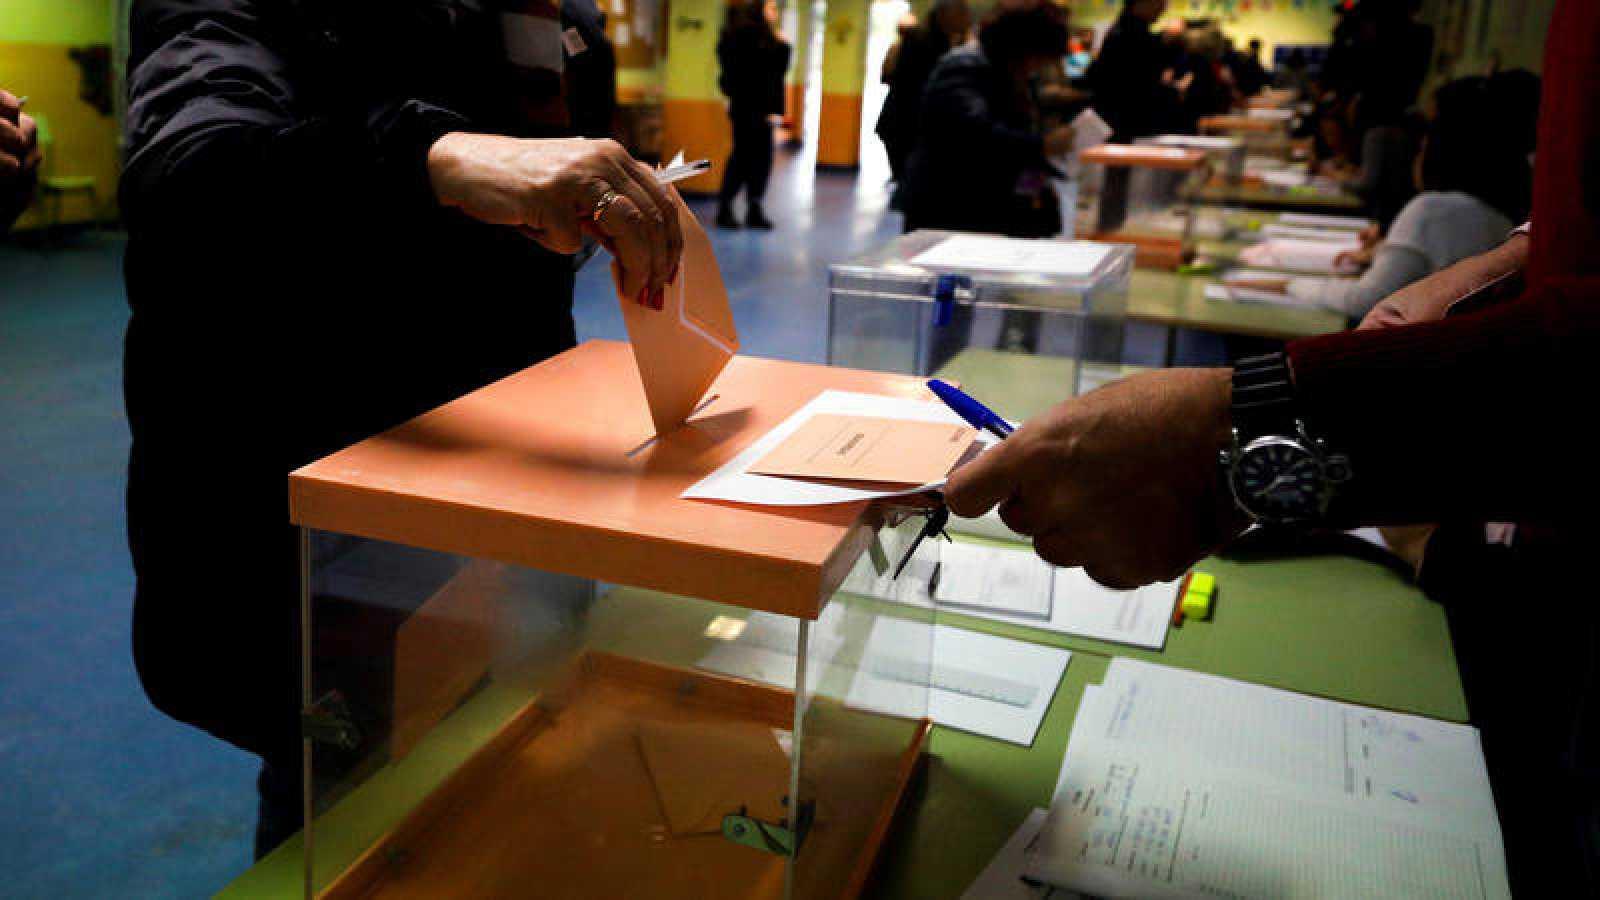 Elecciones generales 10N: Electores depositan su voto en un colegio electoral en Madrid.